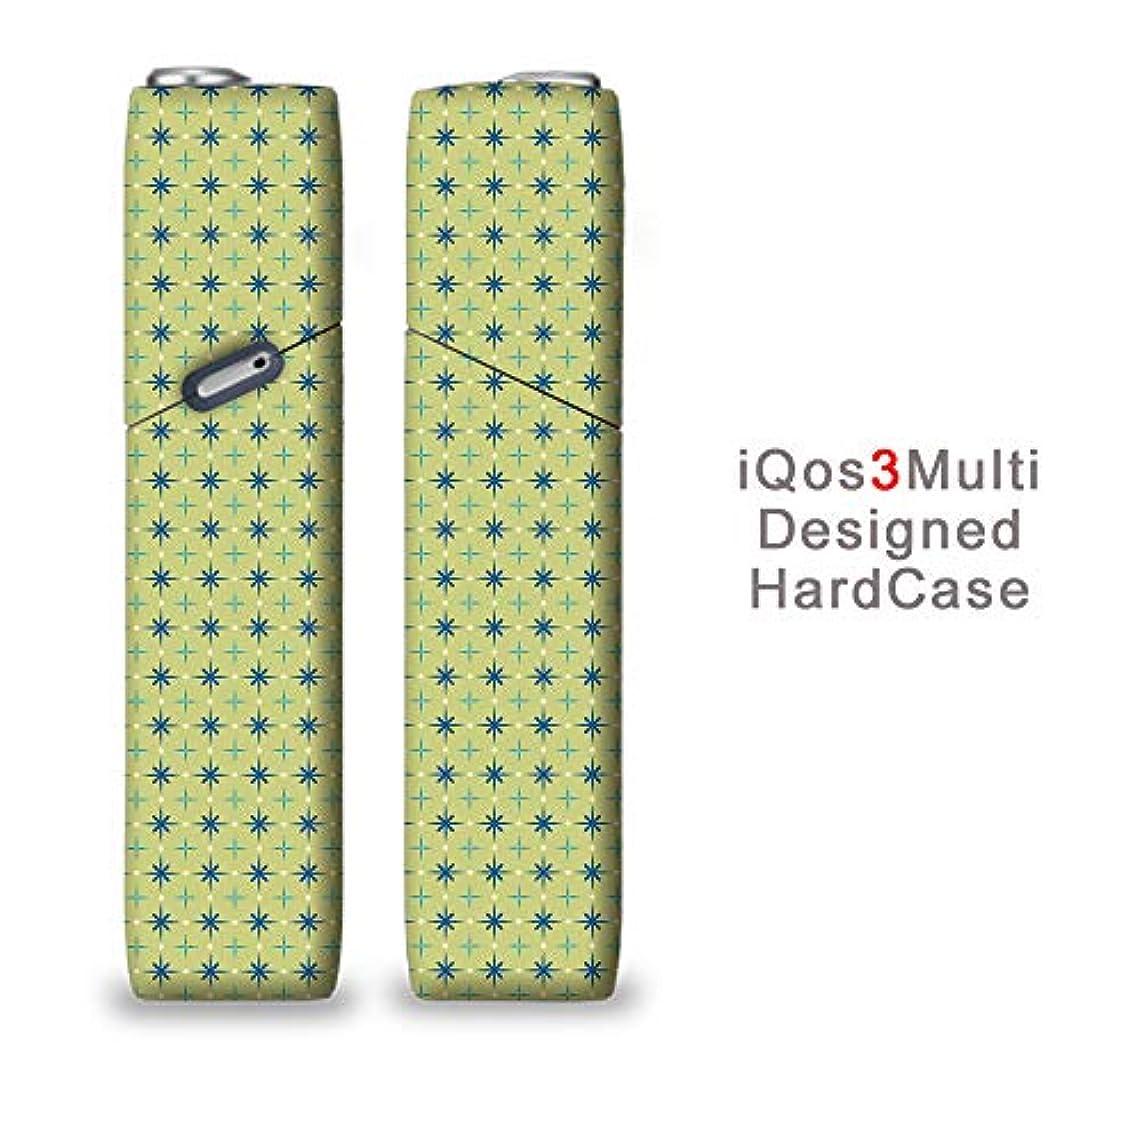 毛皮バルク取り扱い完全国内受注生産 iQOS3マルチ用 アイコス3マルチ用 熱転写全面印刷 かわいい花柄 加熱式タバコ 電子タバコ 禁煙サポート アクセサリー プラスティックケース ハードケース 日本製